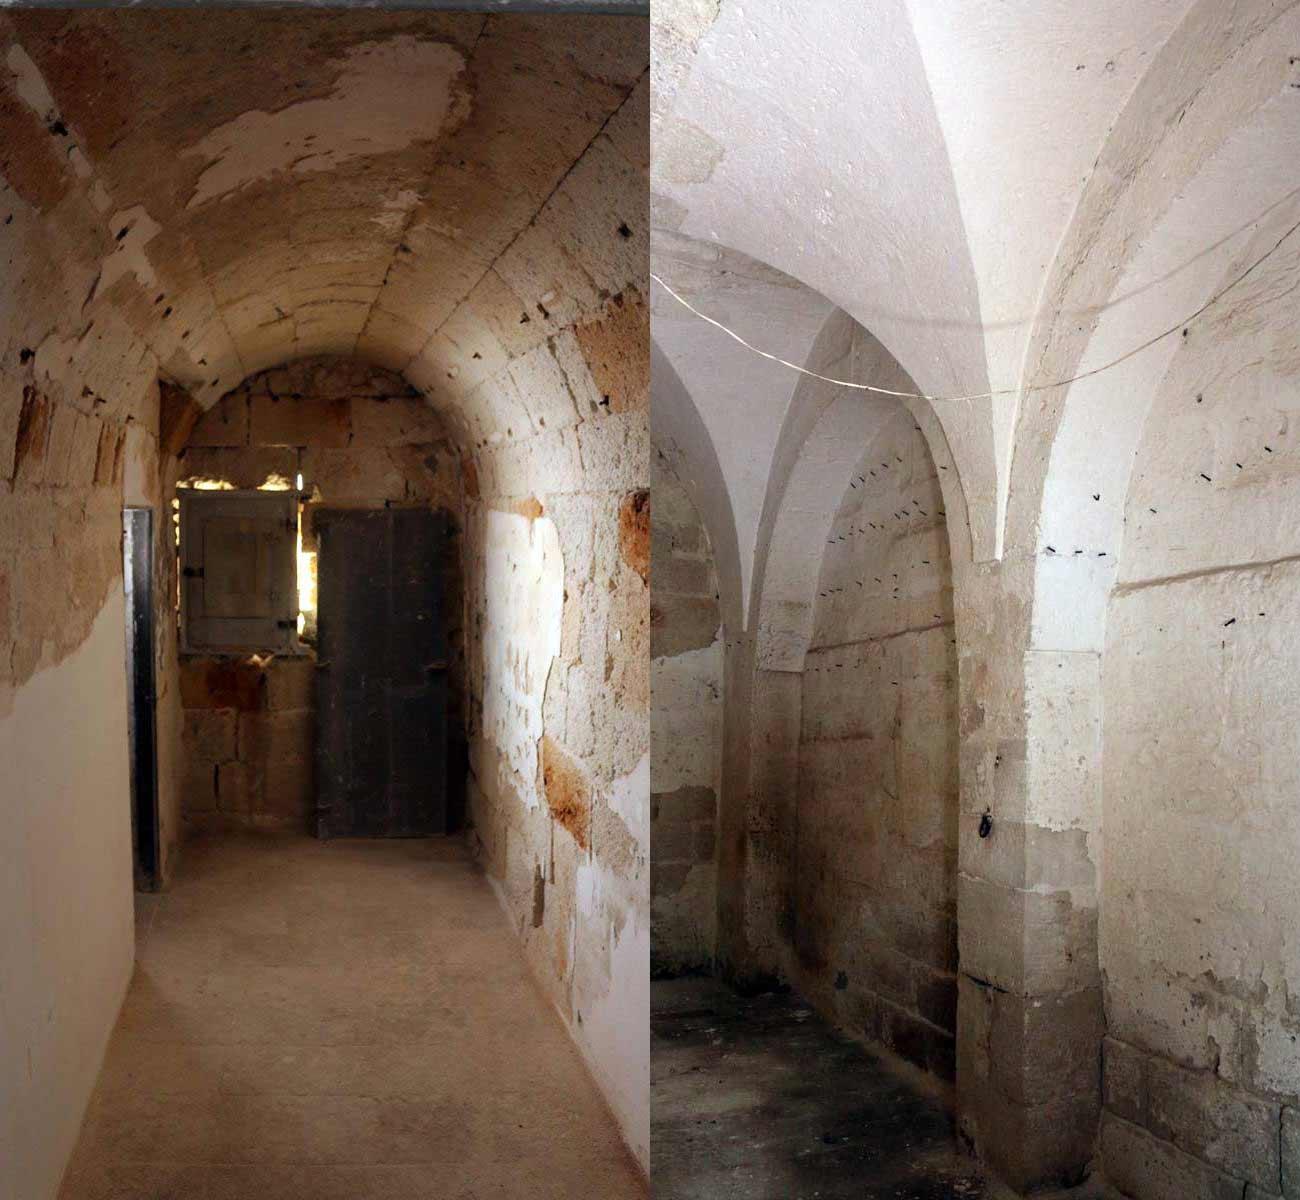 Property for sale in Bari Puglia